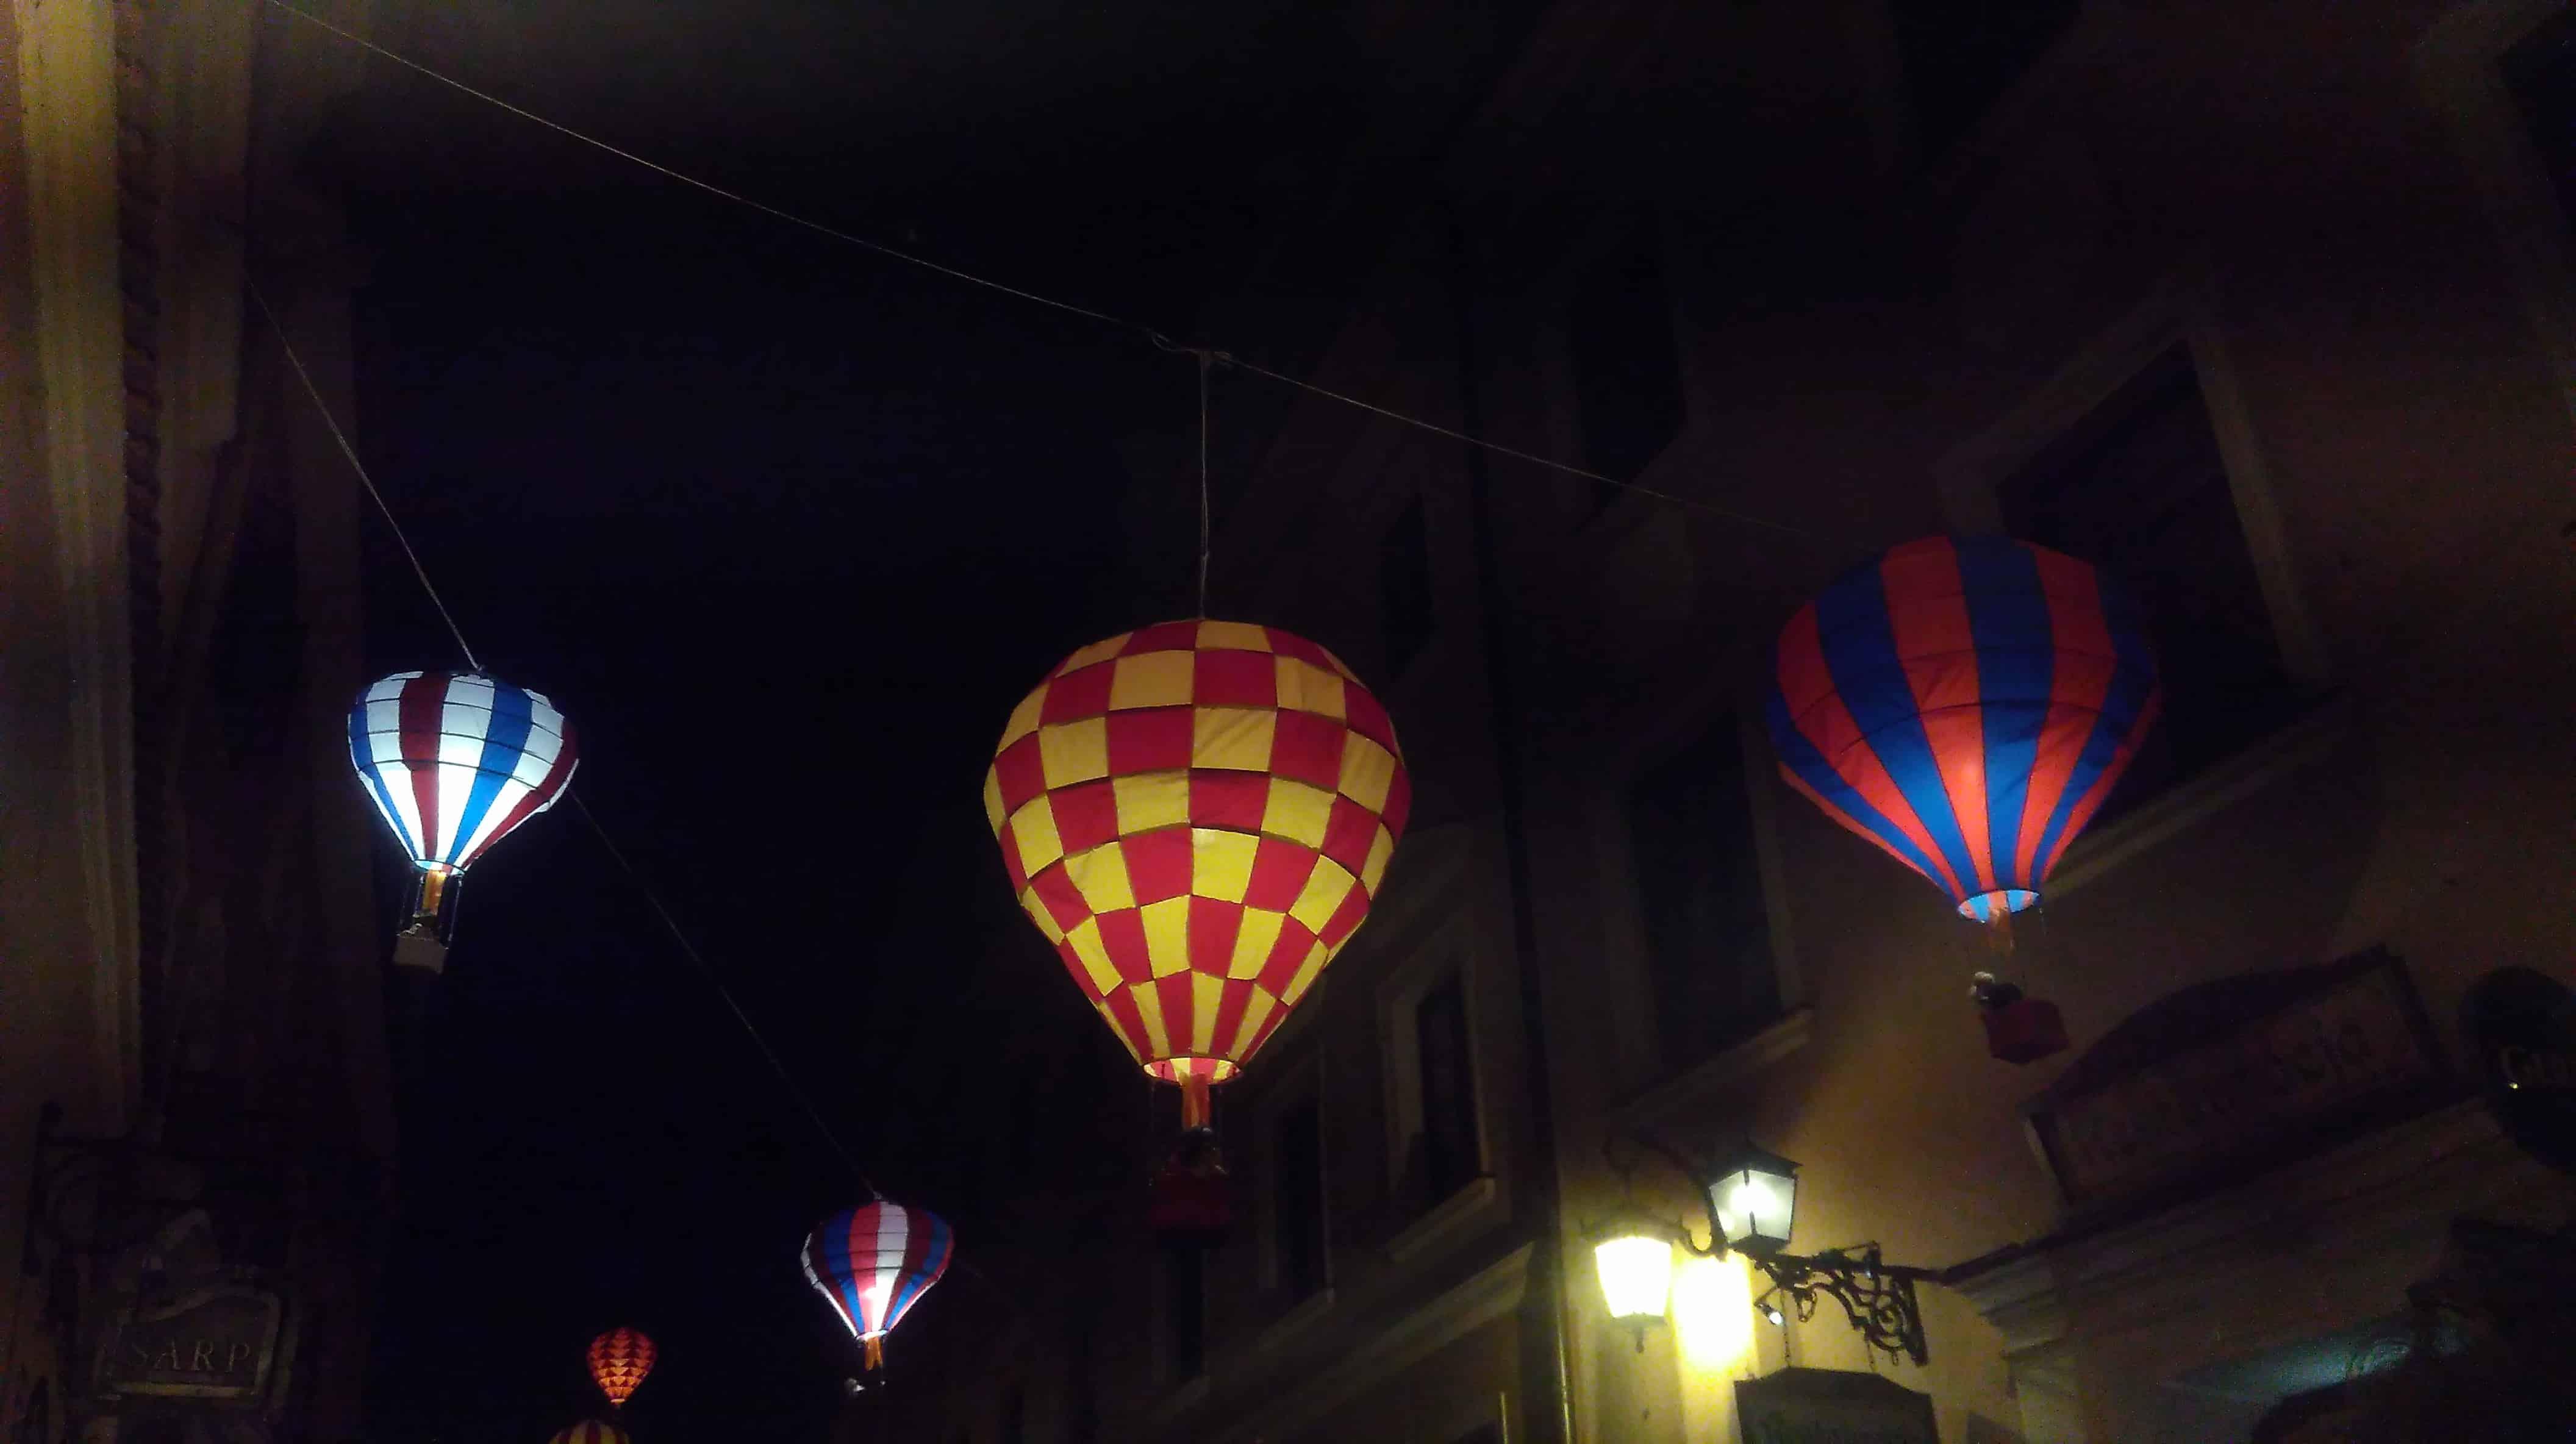 La calle decorada con unos  globos aerostáticos - la vida nocturna de Lublin